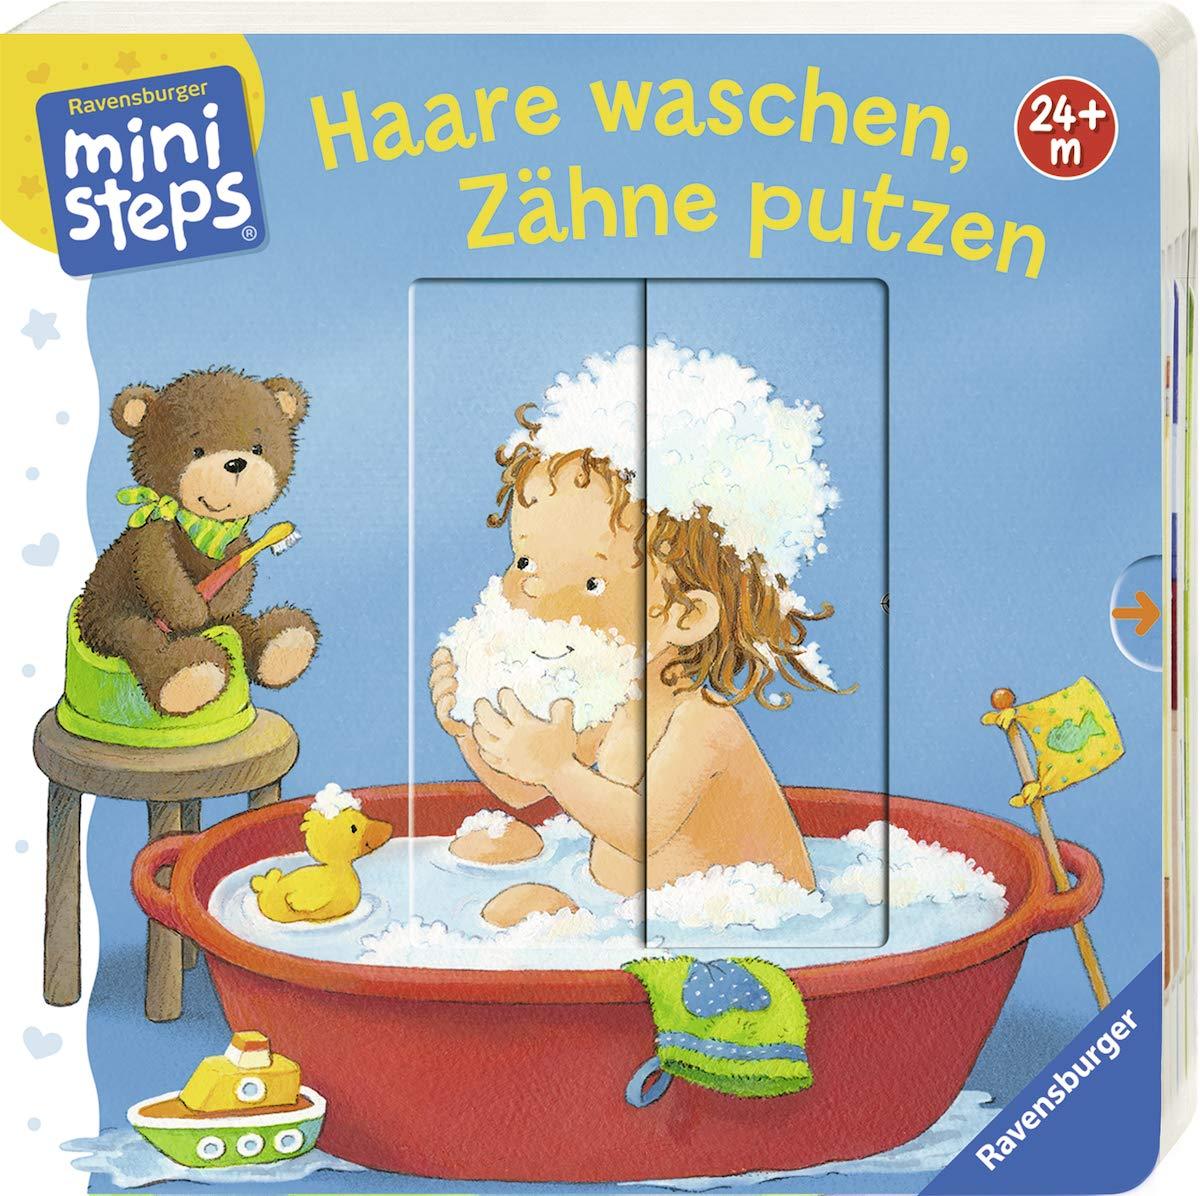 Haare waschen, Zähne putzen: Ab 24 Monaten (ministeps Bücher) Pappbilderbuch – 1. Februar 2019 Sandra Grimm Katja Senner Ravensburger Buchverlag 3473317624